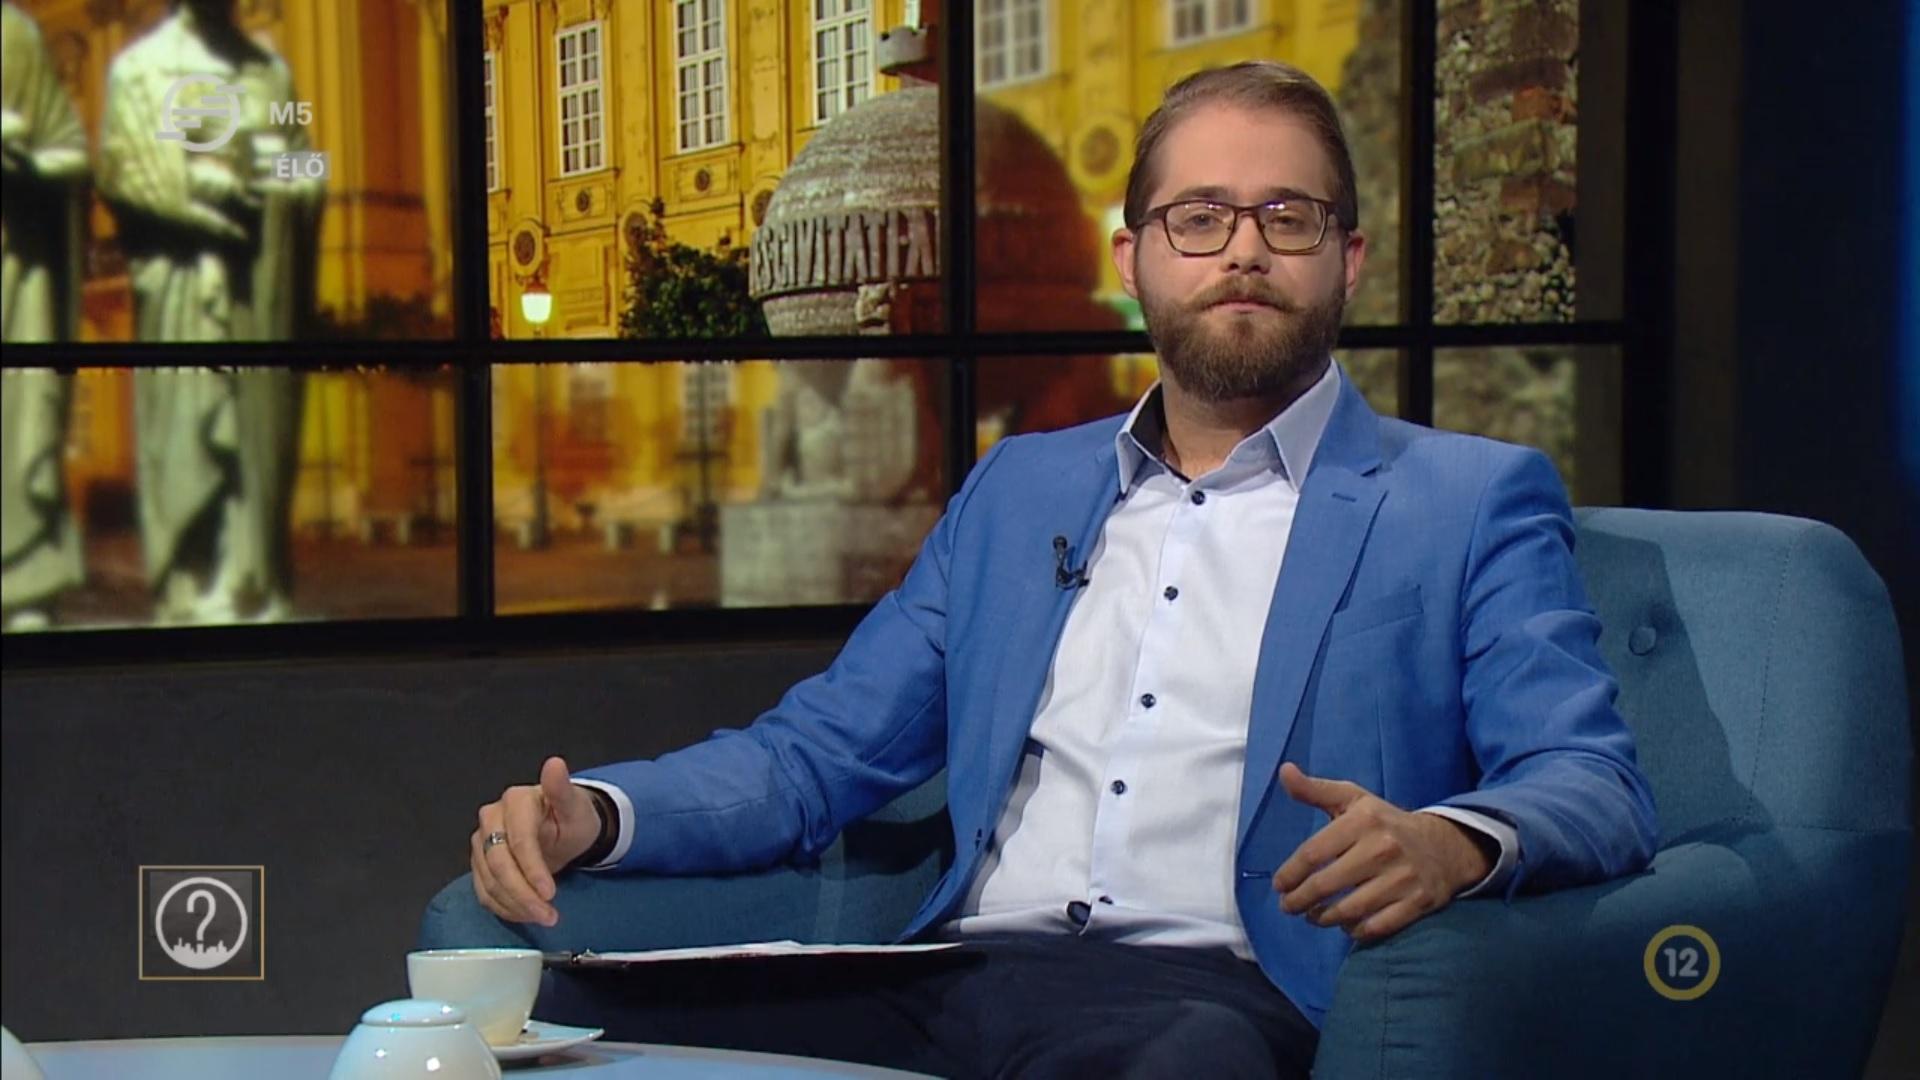 Trombitás Kristóf köztévés műsorában most arról volt szó, hogy a Waffen SS Budapesten harcoló katonái is megérdemlik a hősi jelzőt